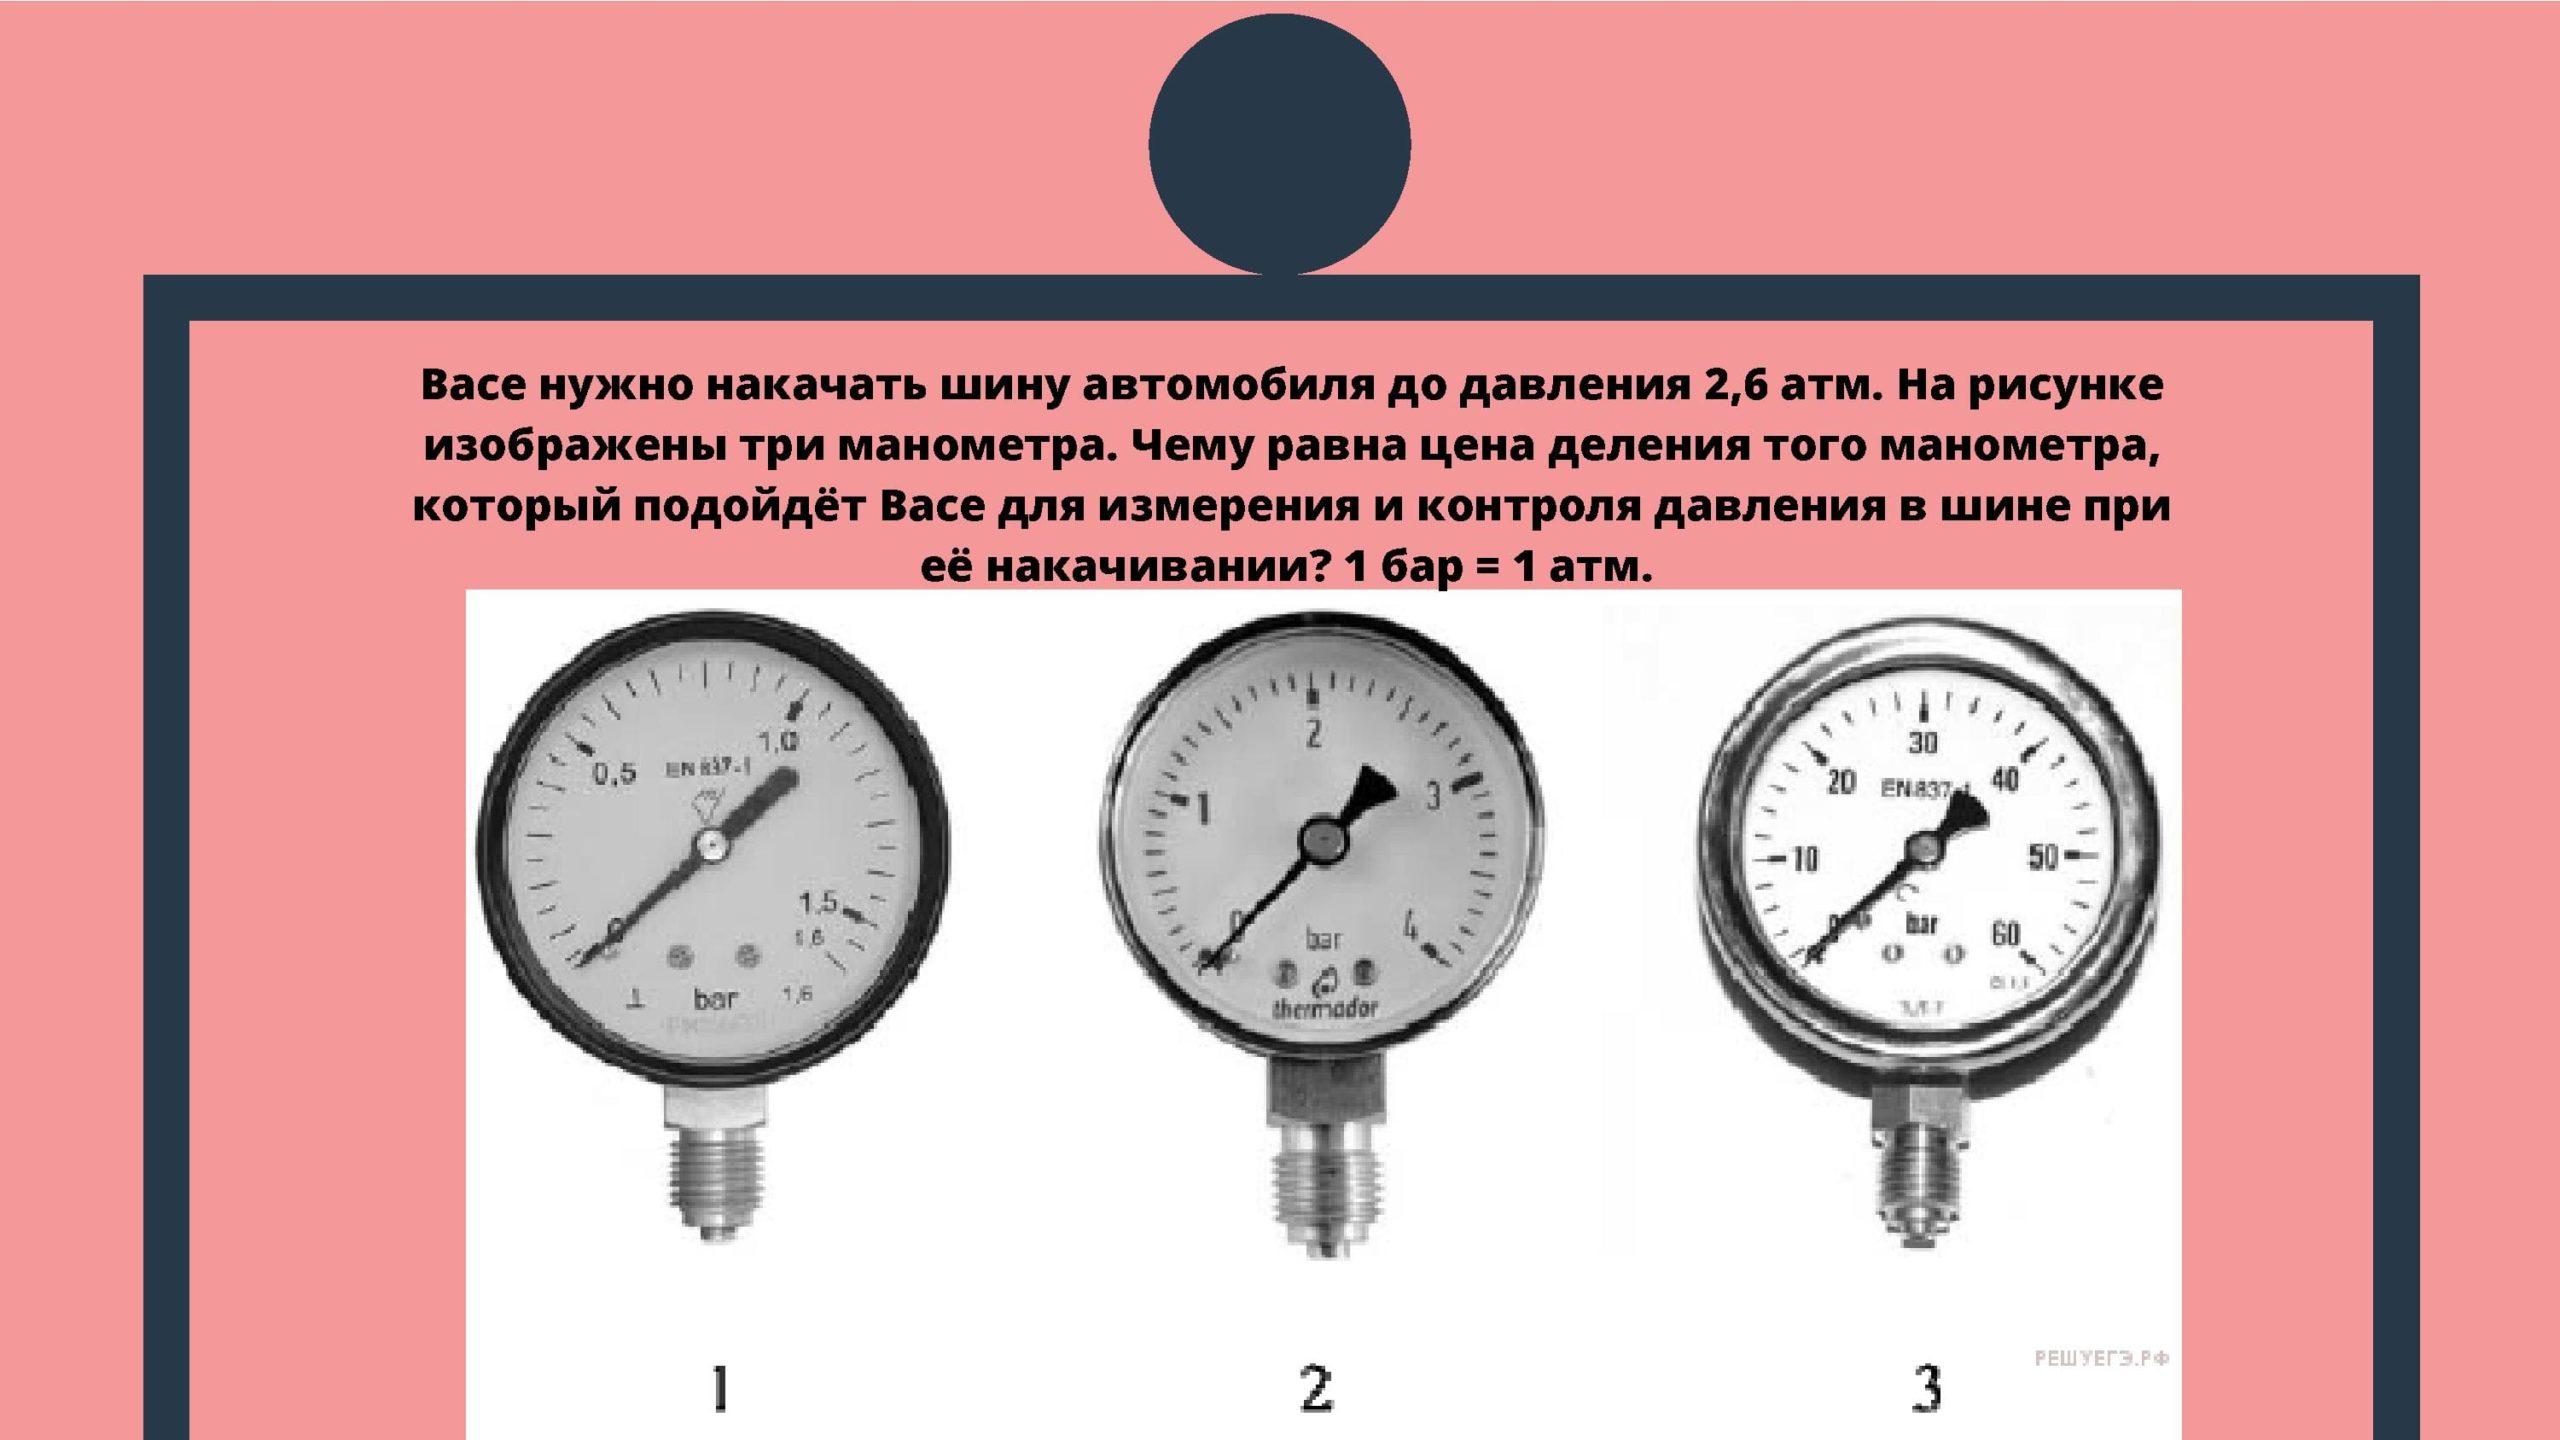 Васе нужно накачать шину автомобиля до давления 2,6 атм. На рисунке